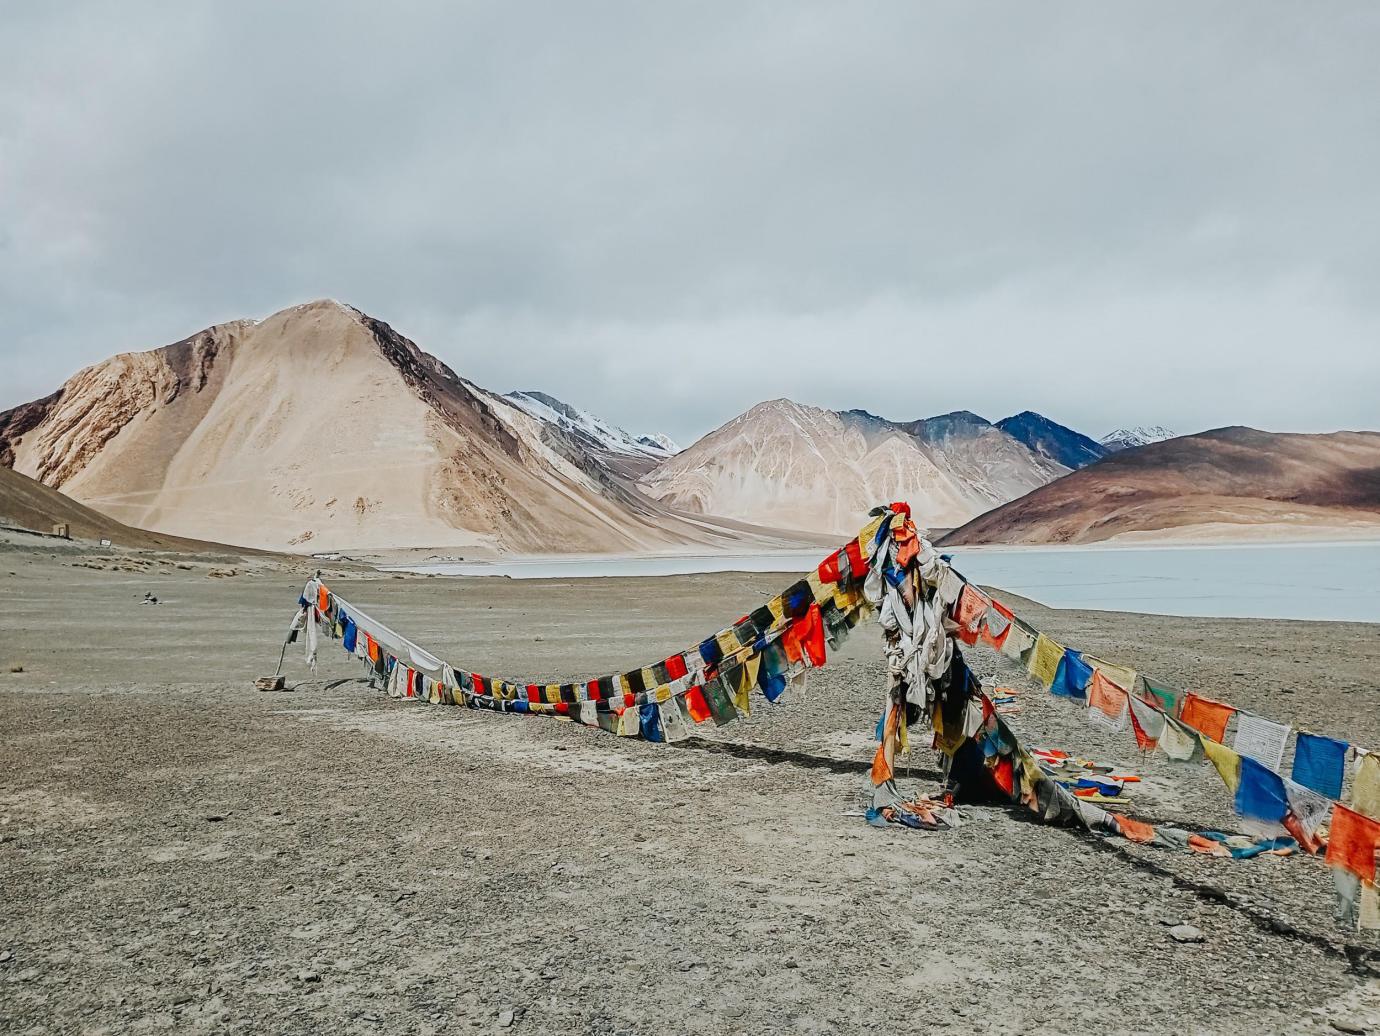 Những trải nghiệm không dành cho những người thích an nhàn tại Ladakh - Tiểu Tây Tạng của Ấn Độ - Ảnh 5.